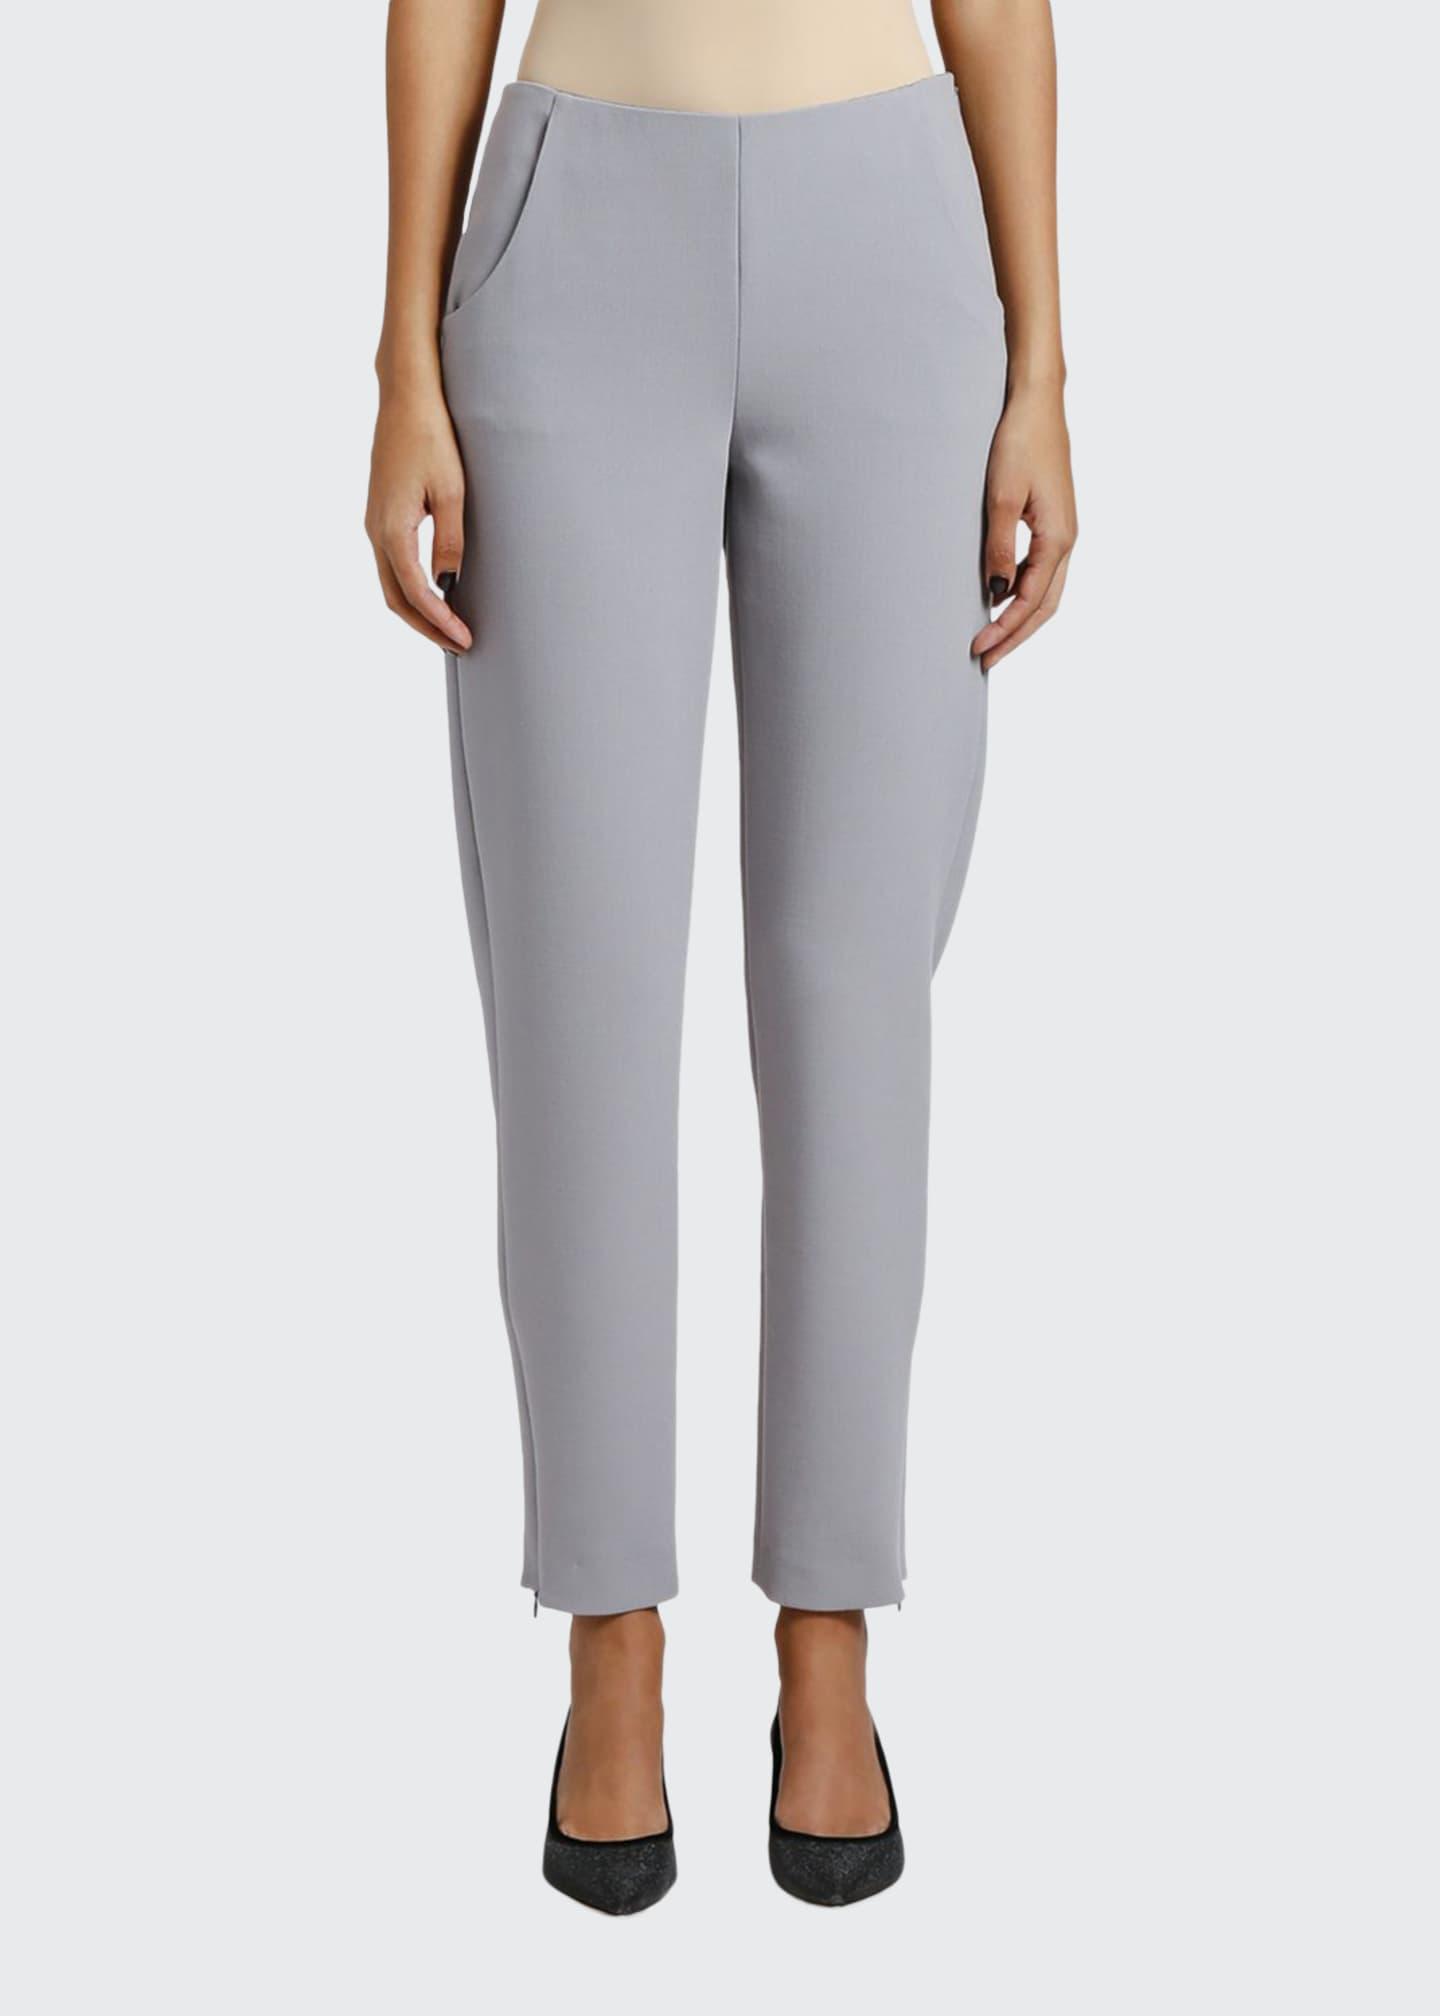 Giorgio Armani Skinny Zip-Cuff Pants